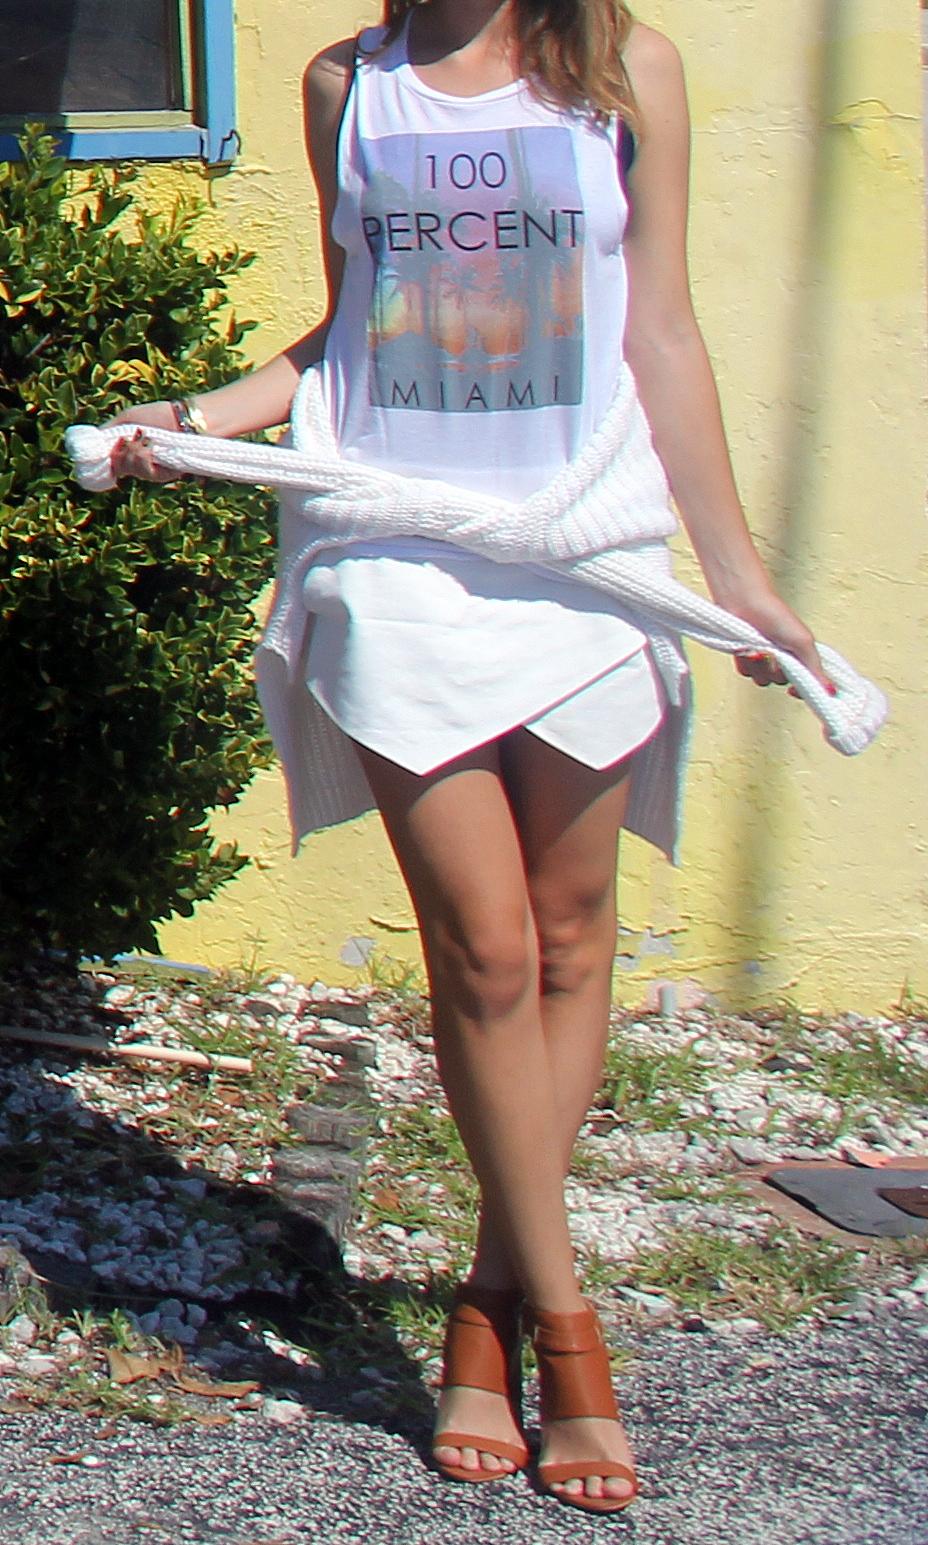 Thank-You-Miami-100-Percent-Miami-OOTD-Key-West-Bar-Lyfe-Brand-6